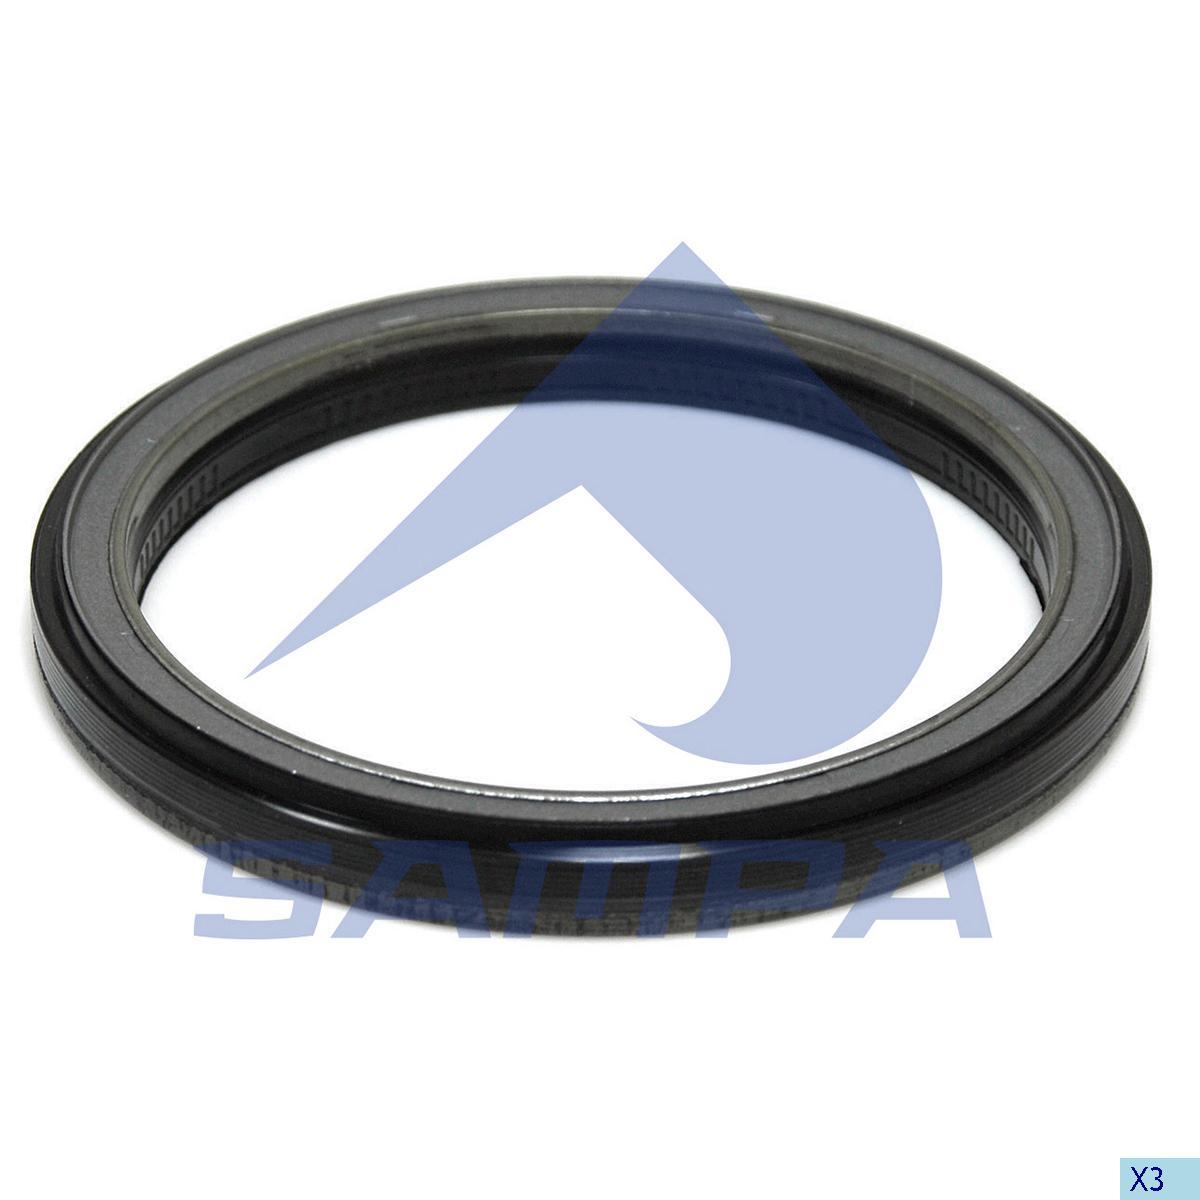 Seal Ring, Bogie Suspension, Scania, Suspension